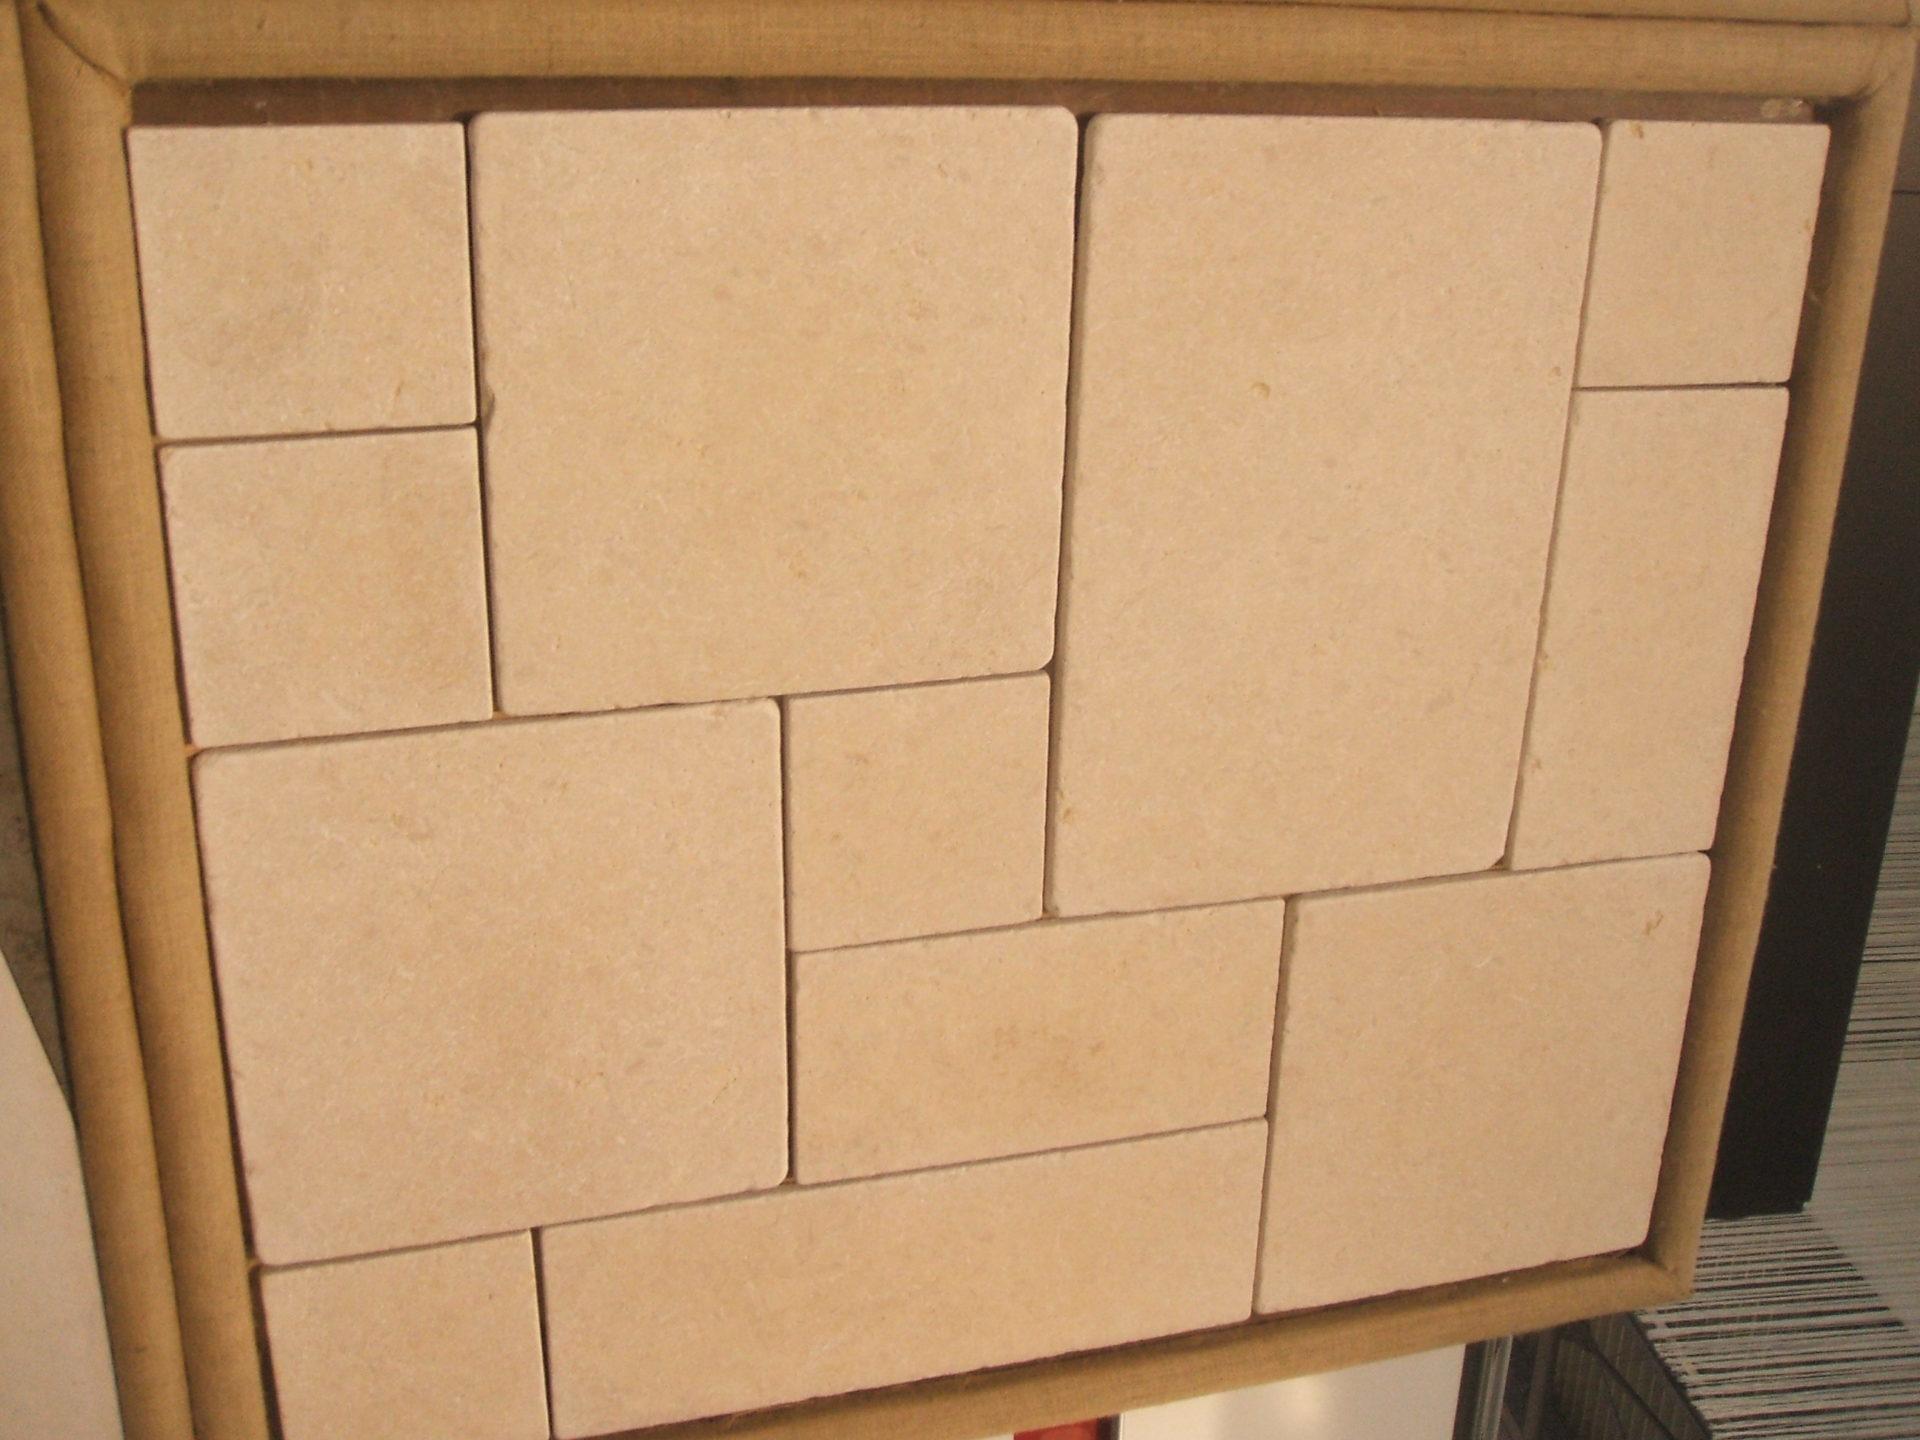 Dallage en pierre original mélangeant différentes tailles